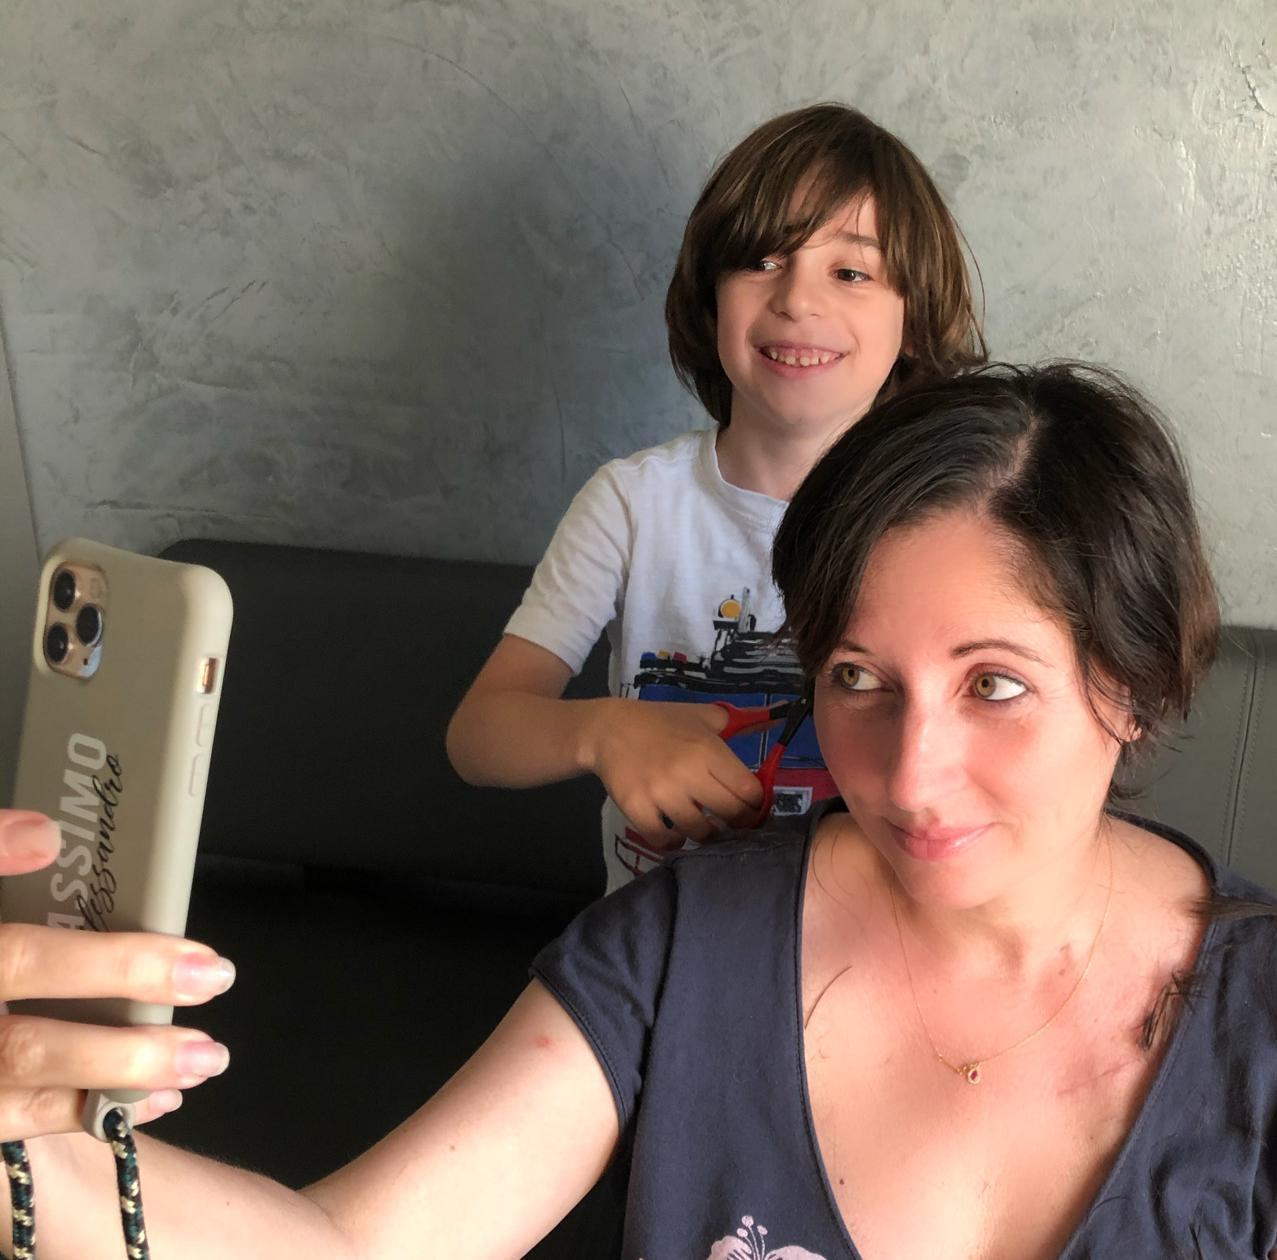 @glitzerstube berichtet, wie sie die Daignose Krebs ihrem Sohn erzählt hat